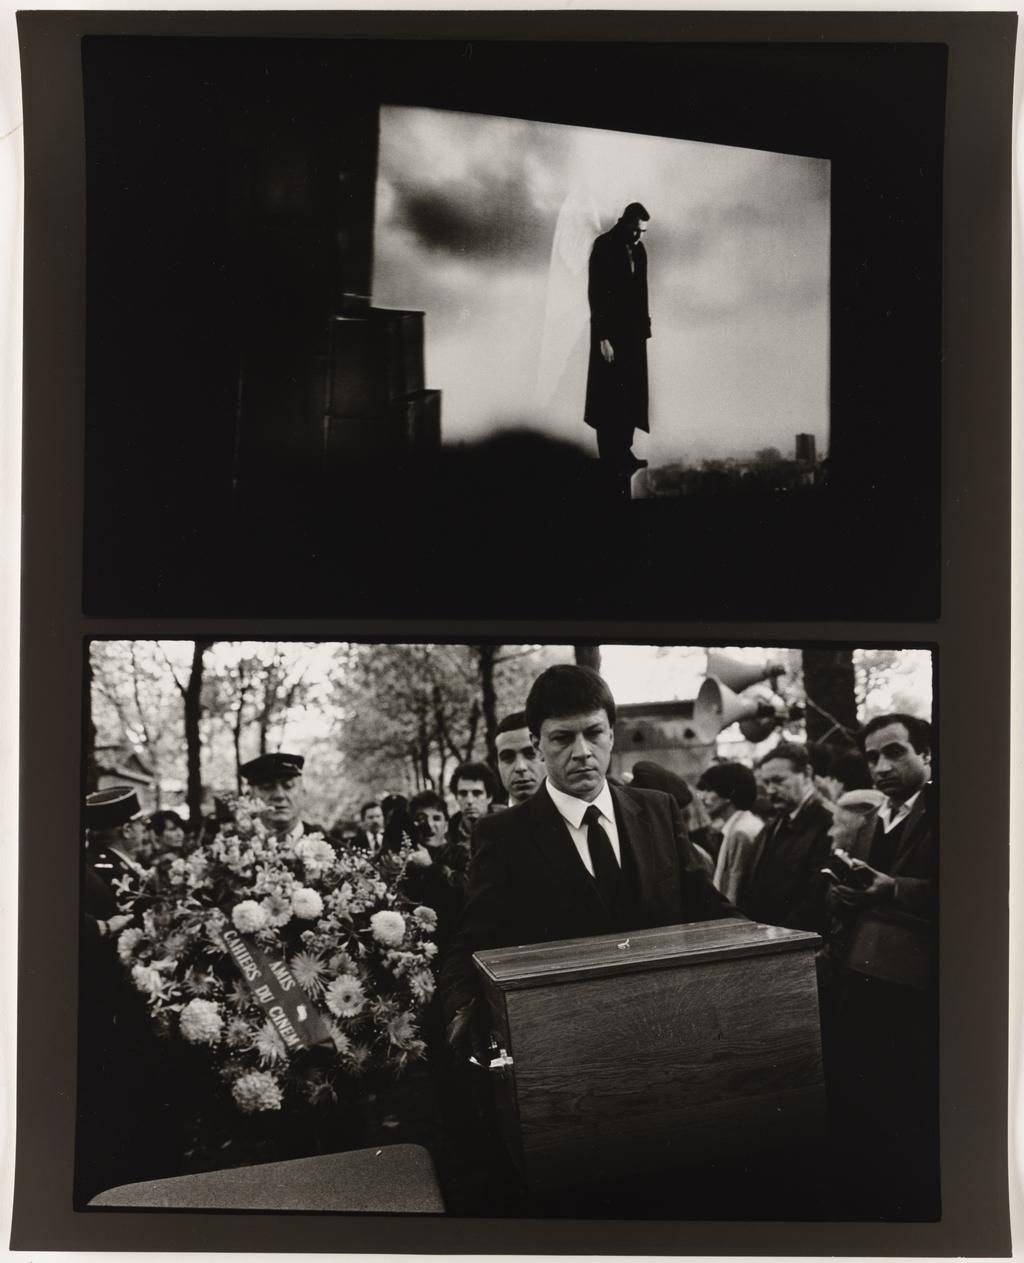 Écran cinématographique : Wim Wenders, « Les Ailes du désir », 1988 (haut); L'Enterrement de François Truffaut, Paris, 1984 (bas), de la série Les Tremblements du coeur, première séquence 4/8